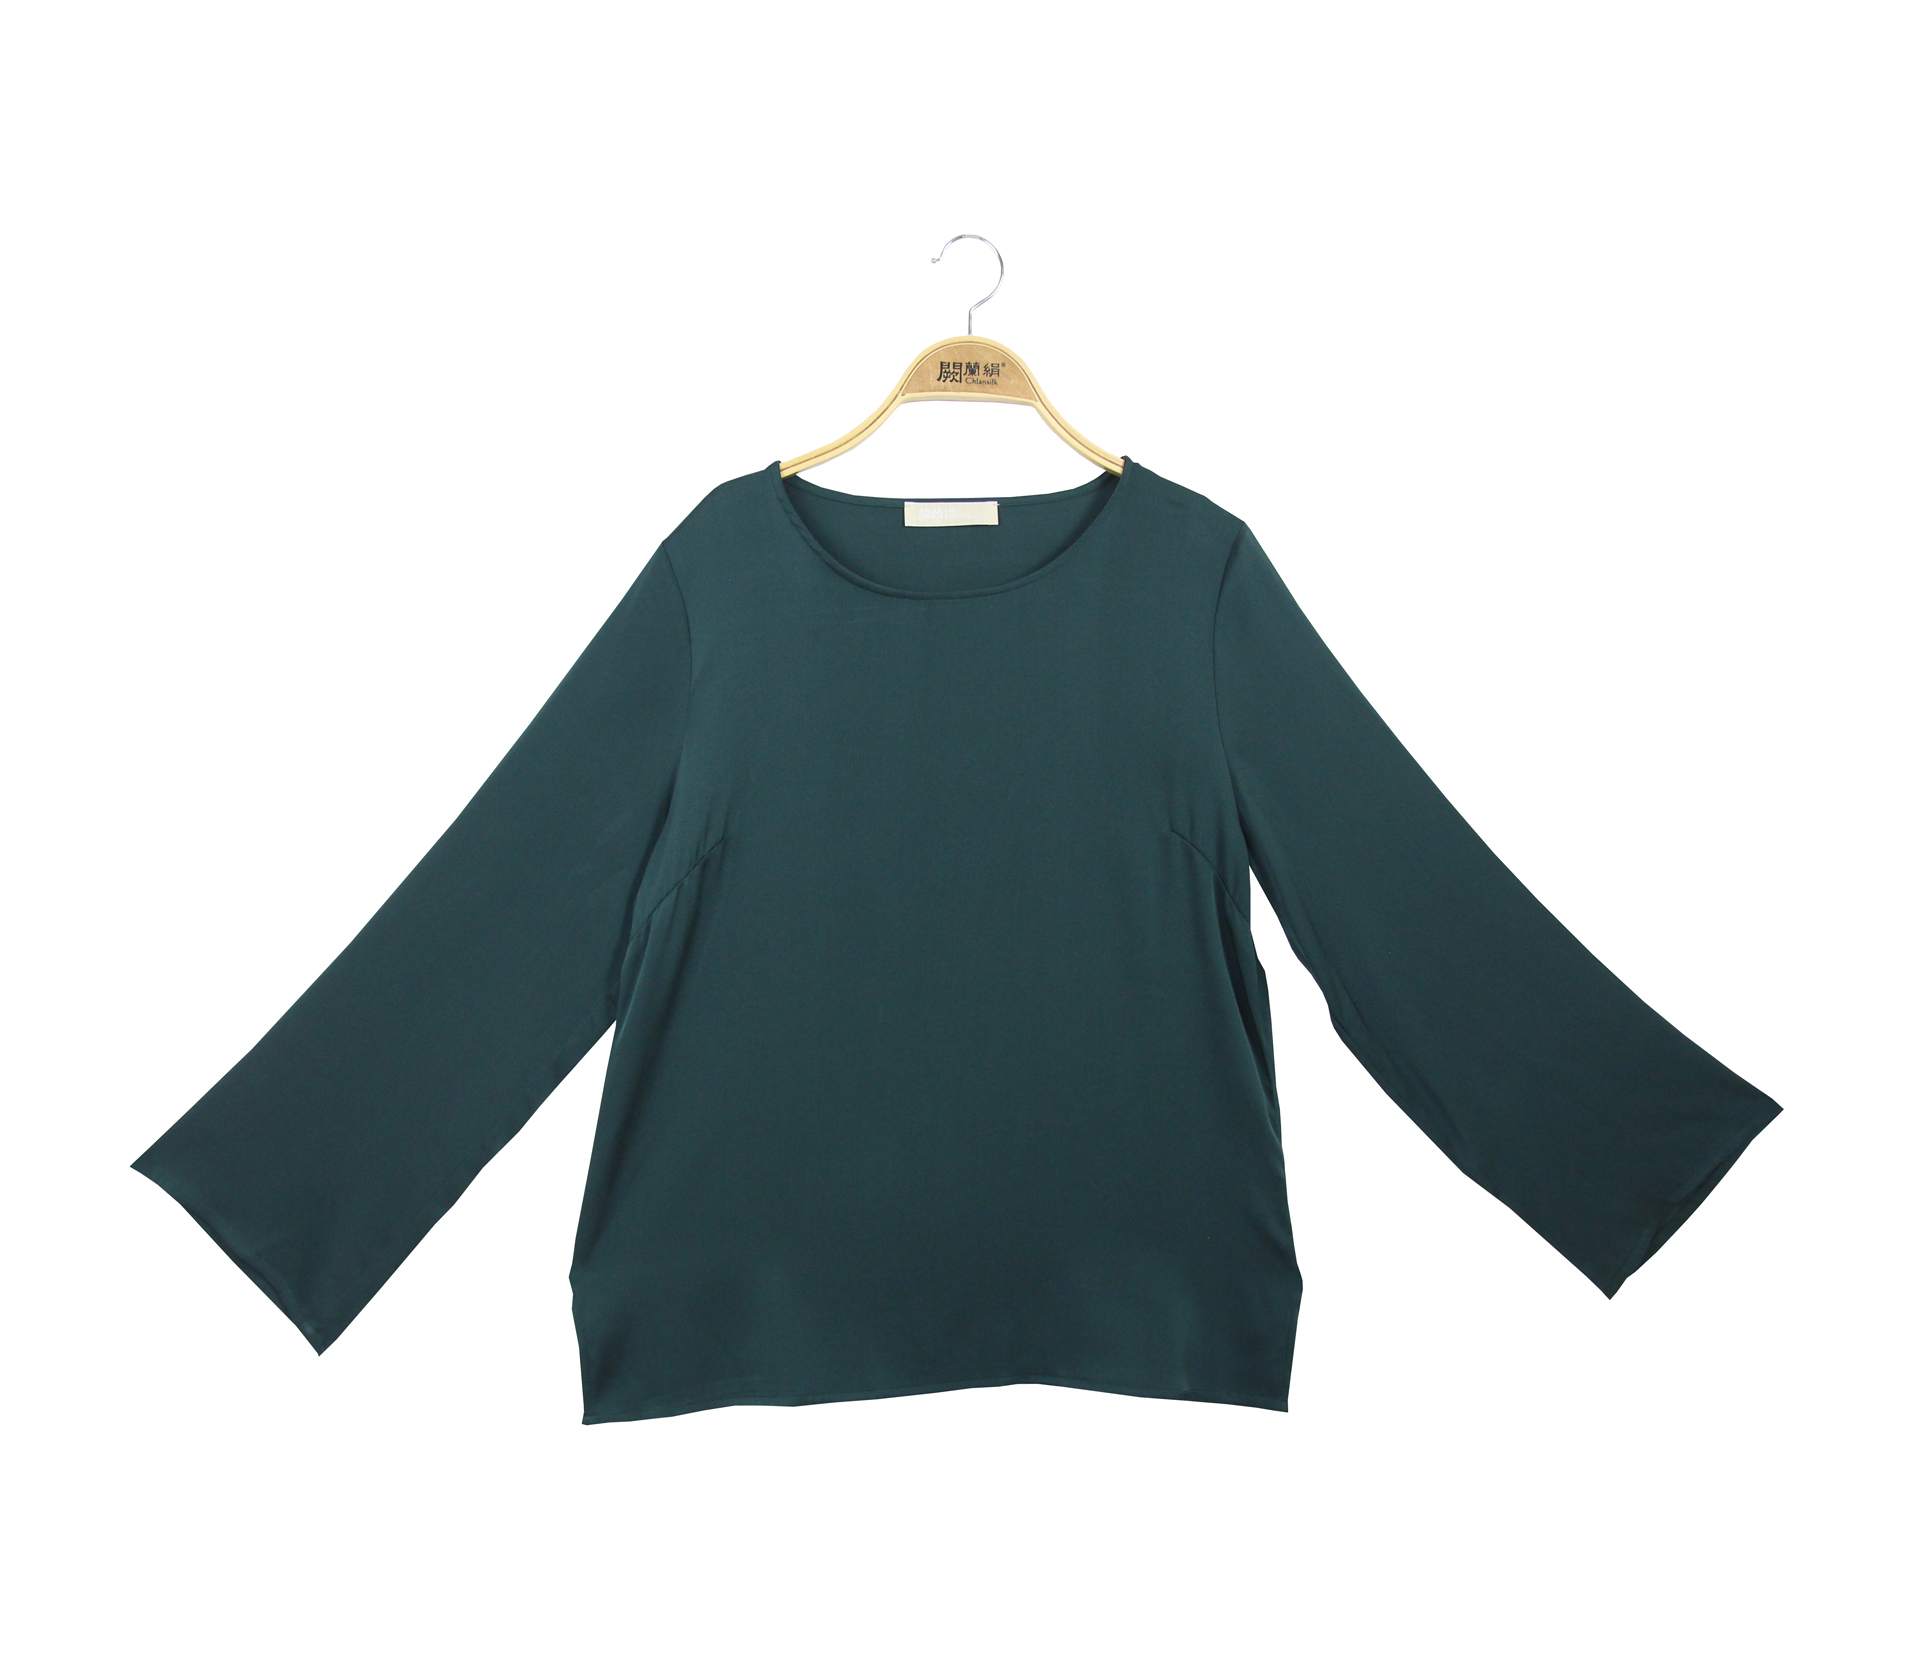 闕蘭絹氣質典雅緞面蠶絲長袖上衣 - 綠色 - 6032